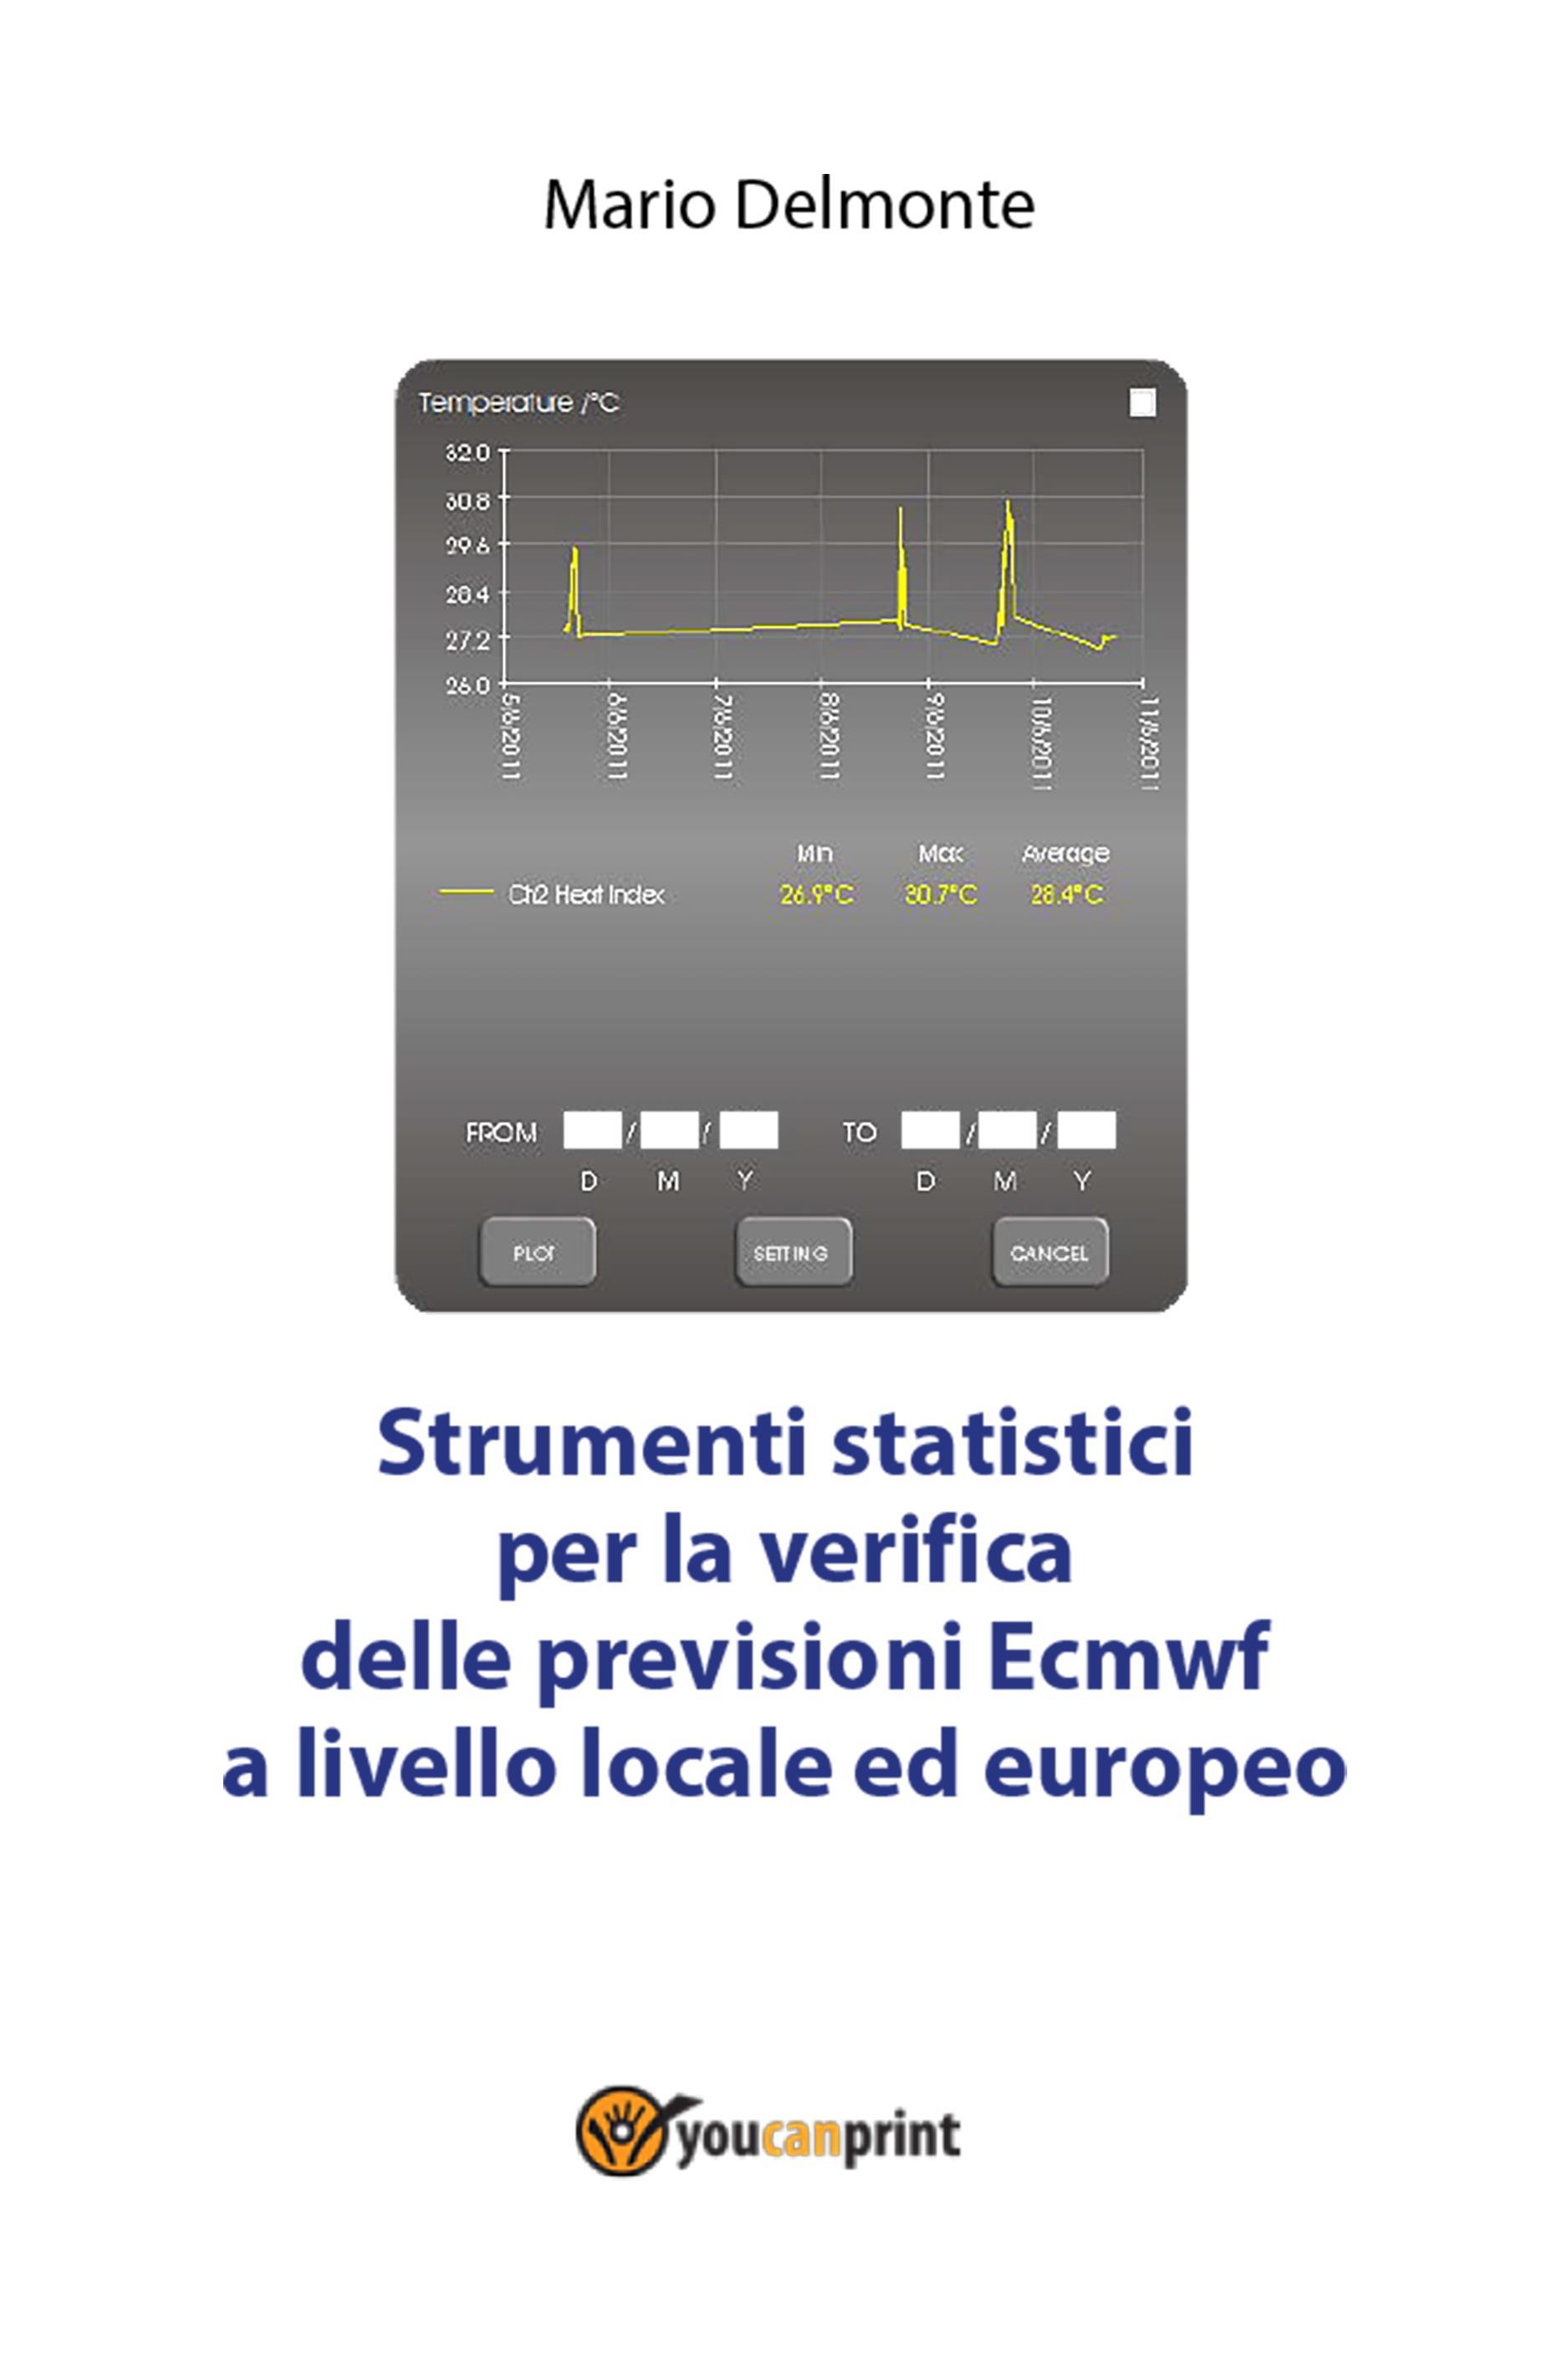 Strumenti statistici per la verifica delle previsioni Ecmwf